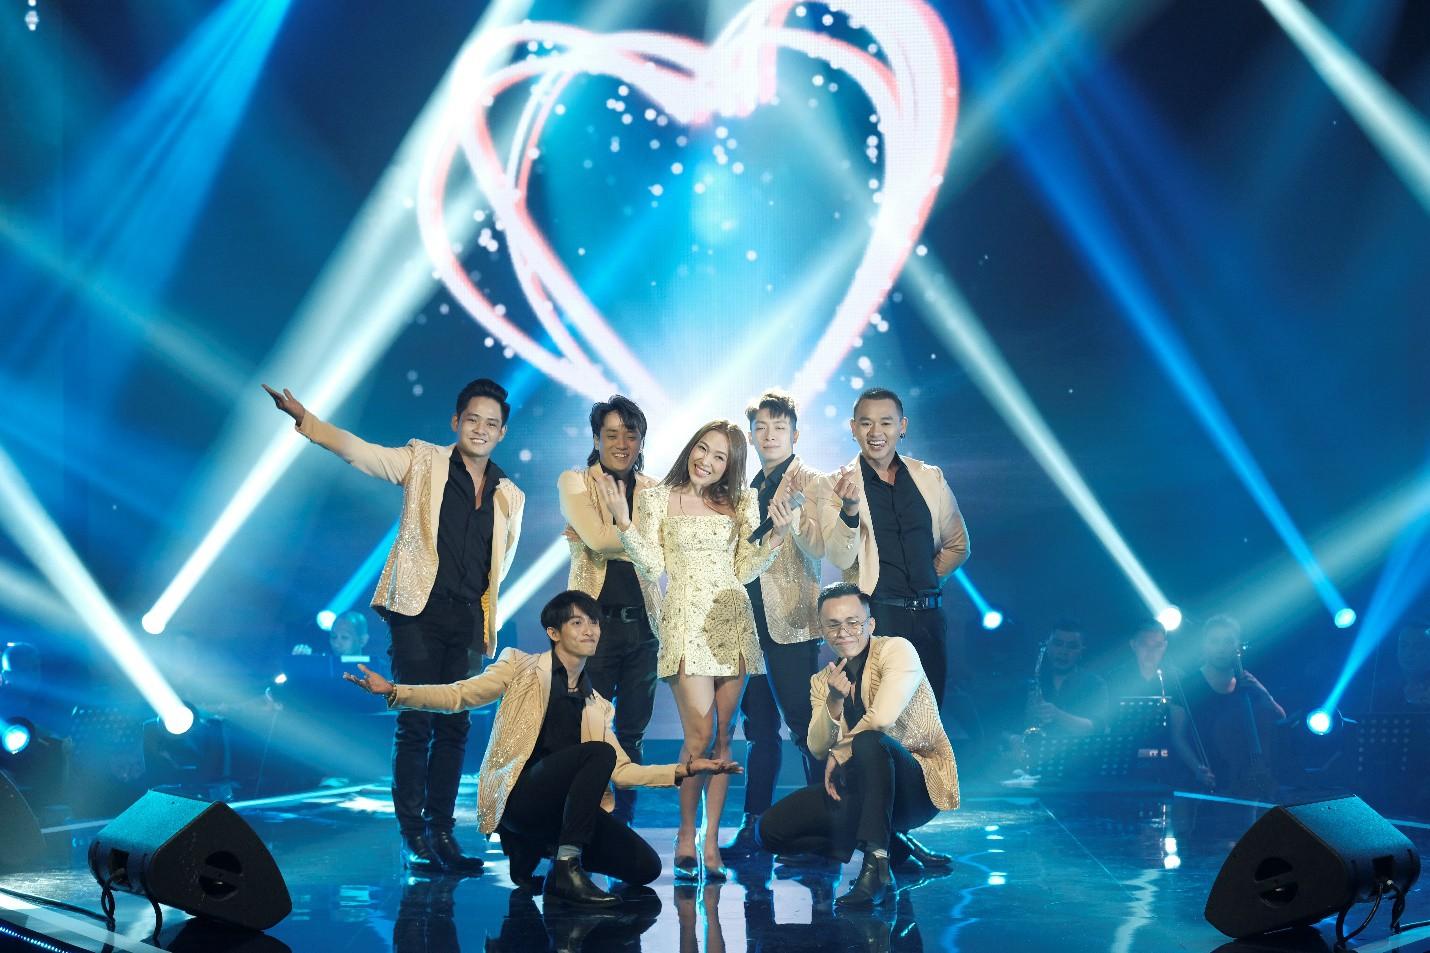 Mỹ Tâm song ca cực tình tứ cùng Noo Phước Thịnh, Tóc Tiên khoe vũ đạo nóng bỏng trên sân khấu Secret Concert - Ảnh 6.